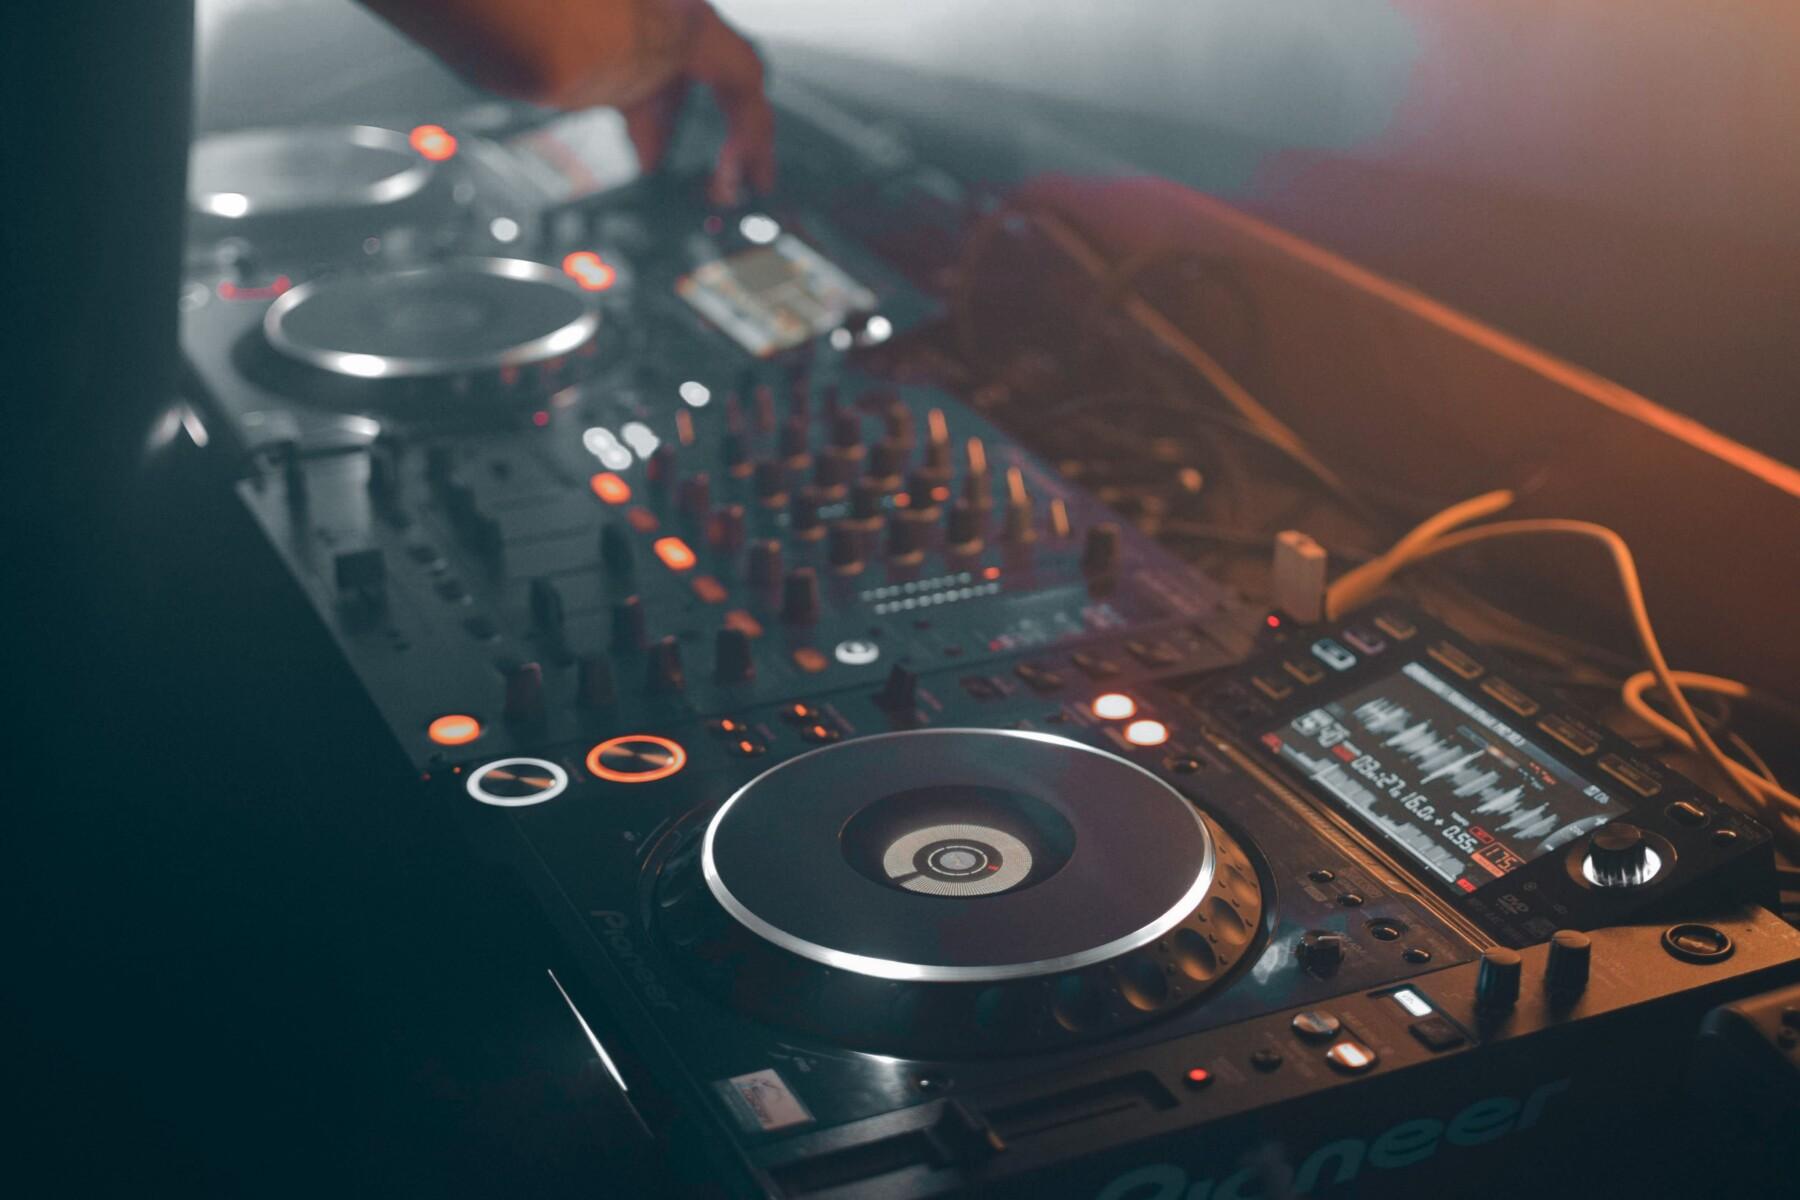 Plaatje van een DJ's booth